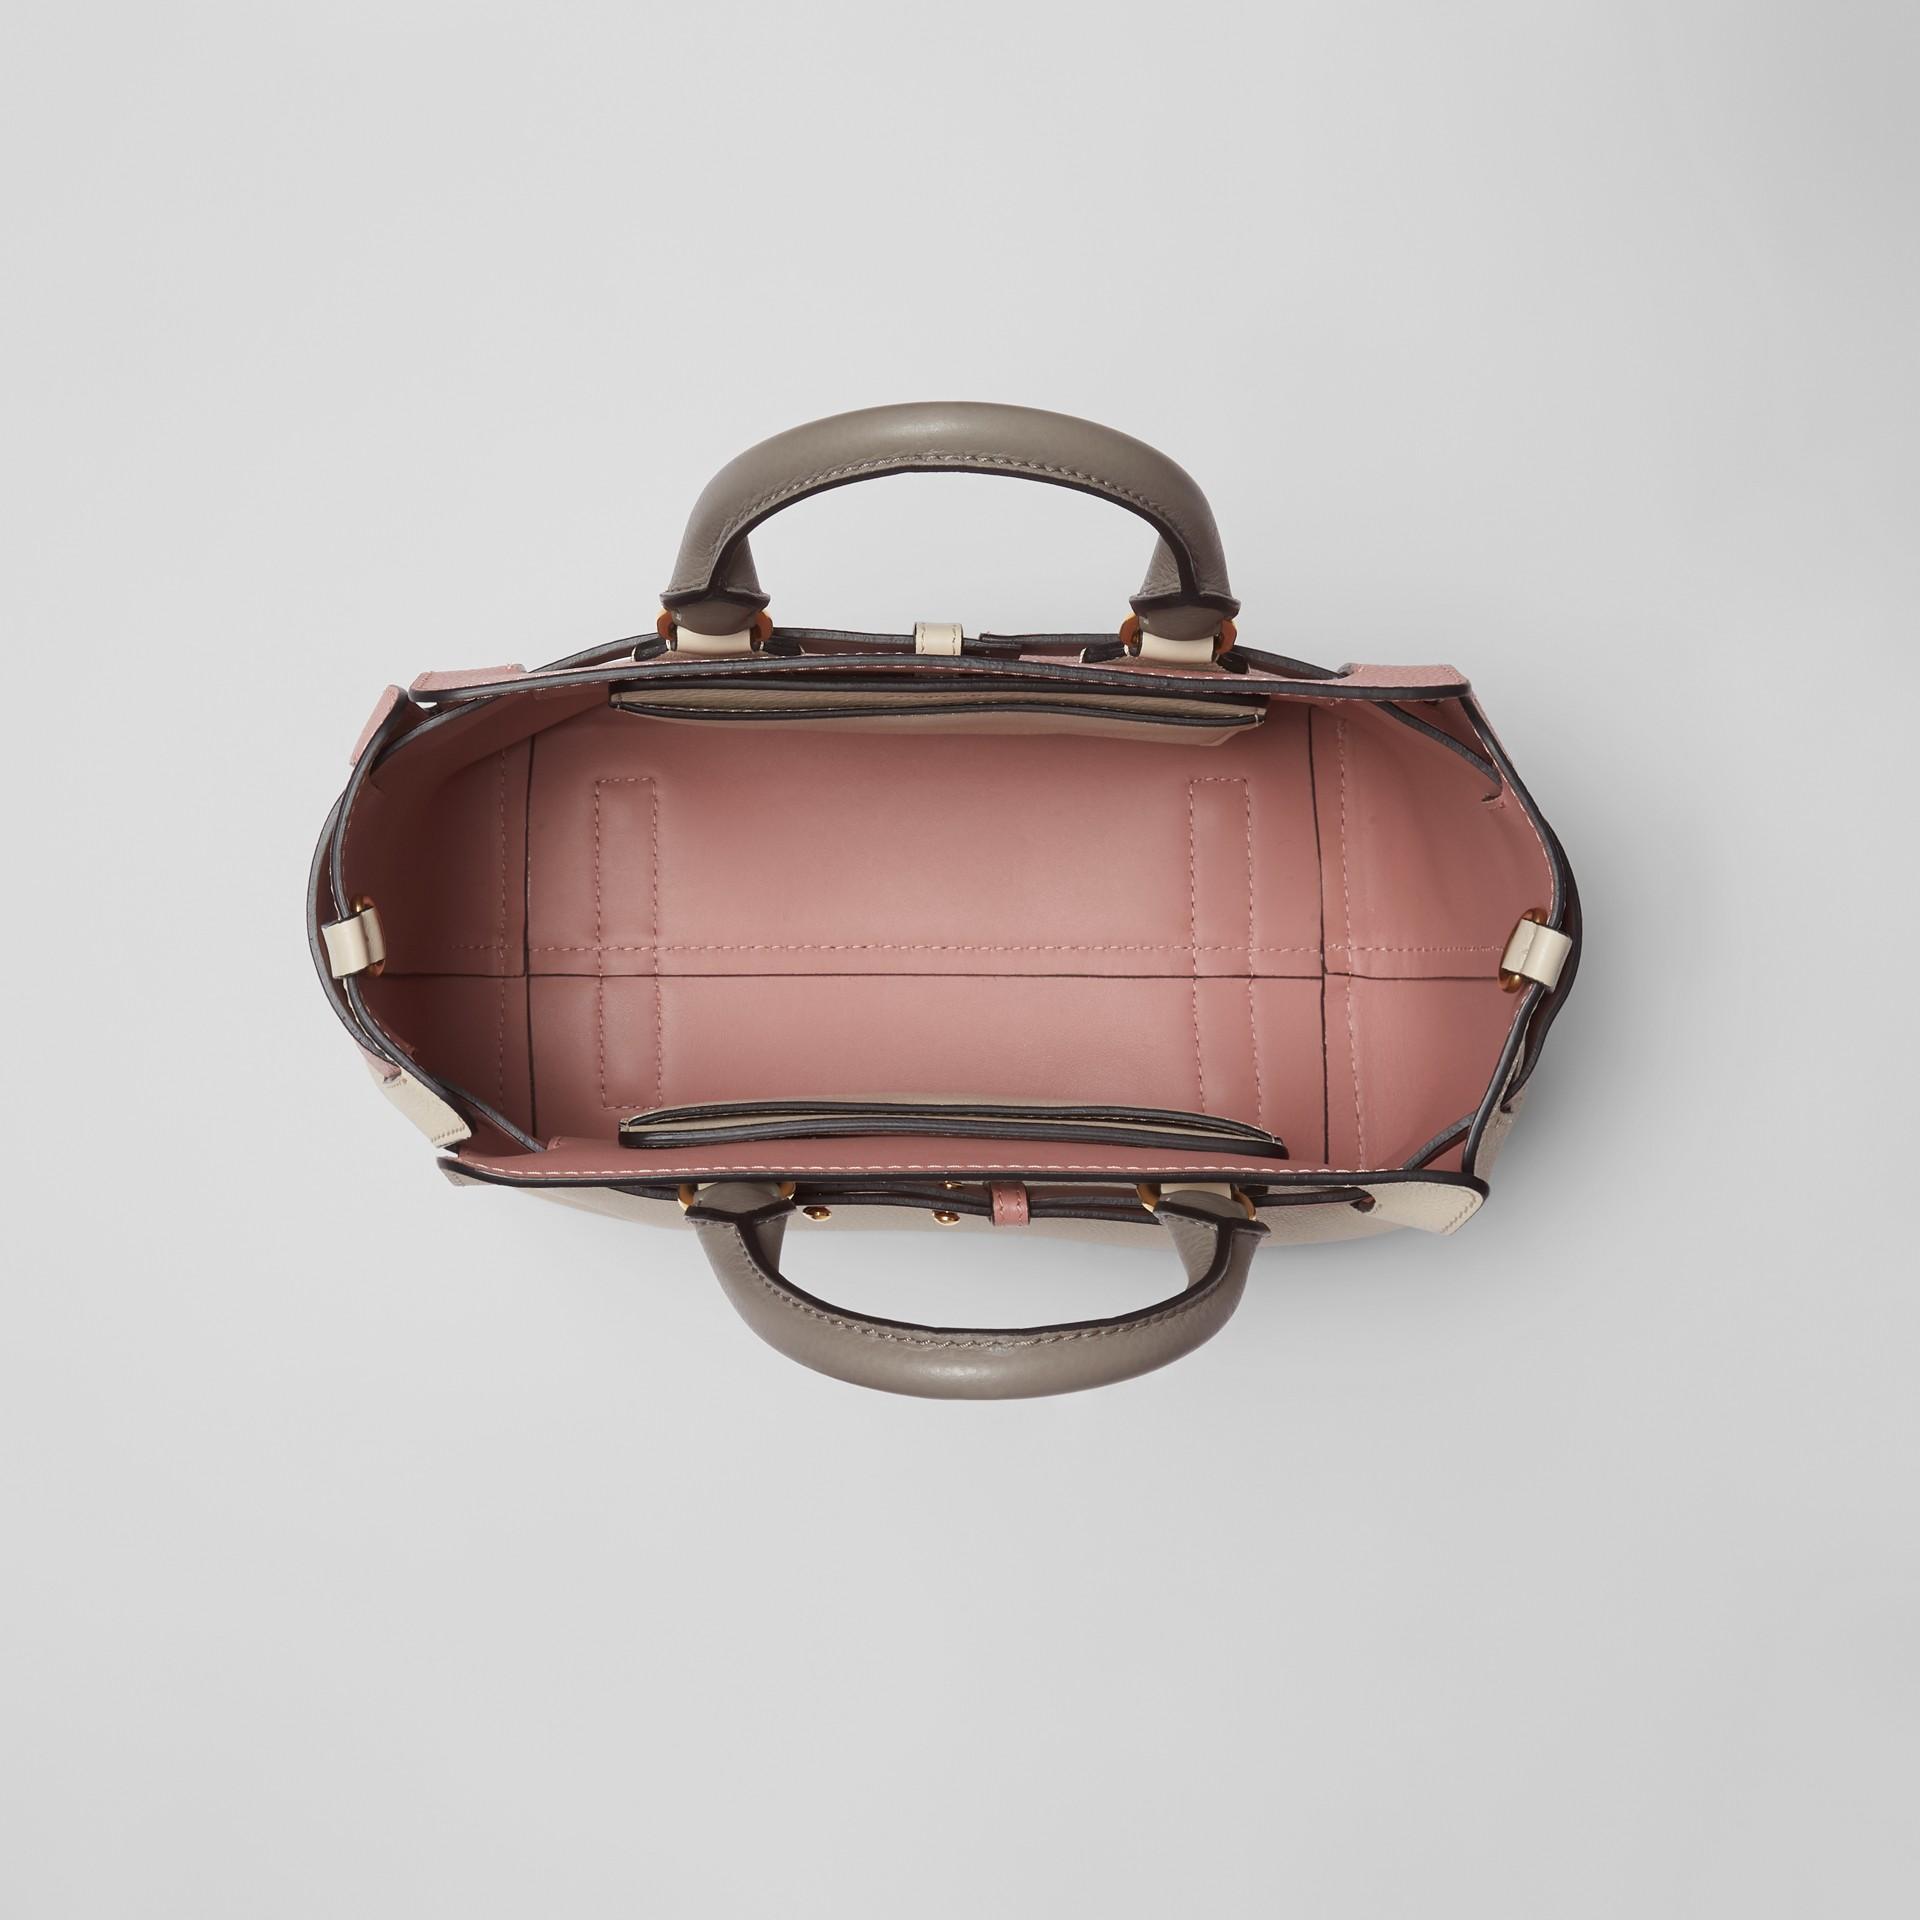 Petit sac TheBelt en cuir tricolore (Calcaire/rose Cendré) - Femme | Burberry - photo de la galerie 5